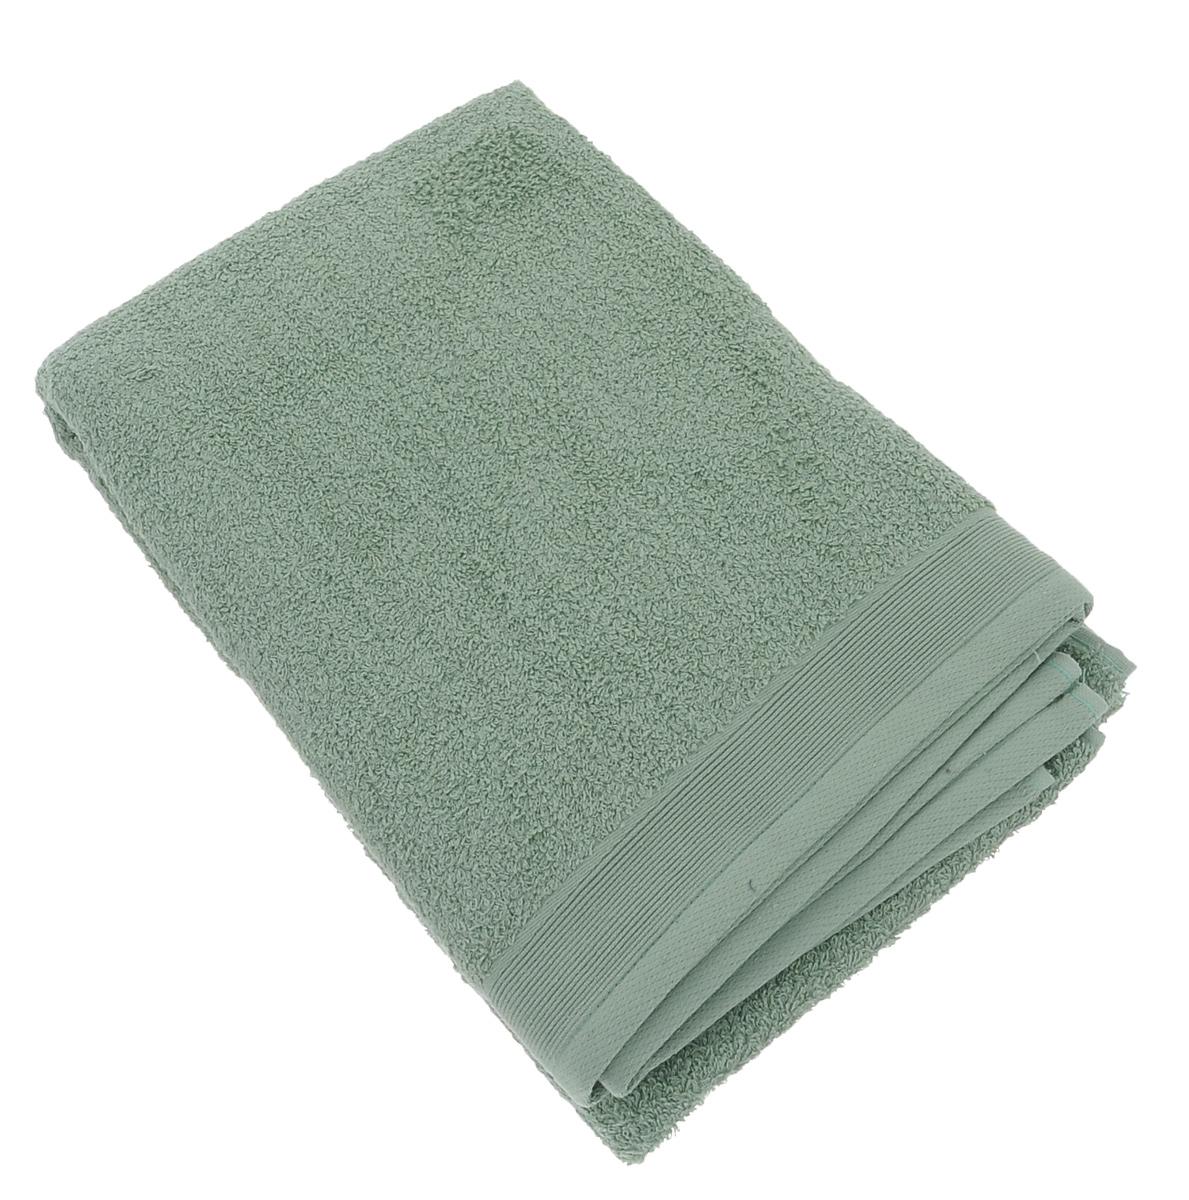 Полотенце махровое Guten Morgen, цвет: светло-зеленый, 100 х 150 см68/5/3В состав полотенца Guten Morgen входит только натуральное волокно - хлопок. Лаконичные бордюры подойдут для любого интерьера ванной комнаты. Полотенце прекрасно впитывает влагу и быстро сохнет. При соблюдении рекомендаций по уходу не линяет и не теряет форму даже после многократных стирок. Плотность: 500 г/м2.